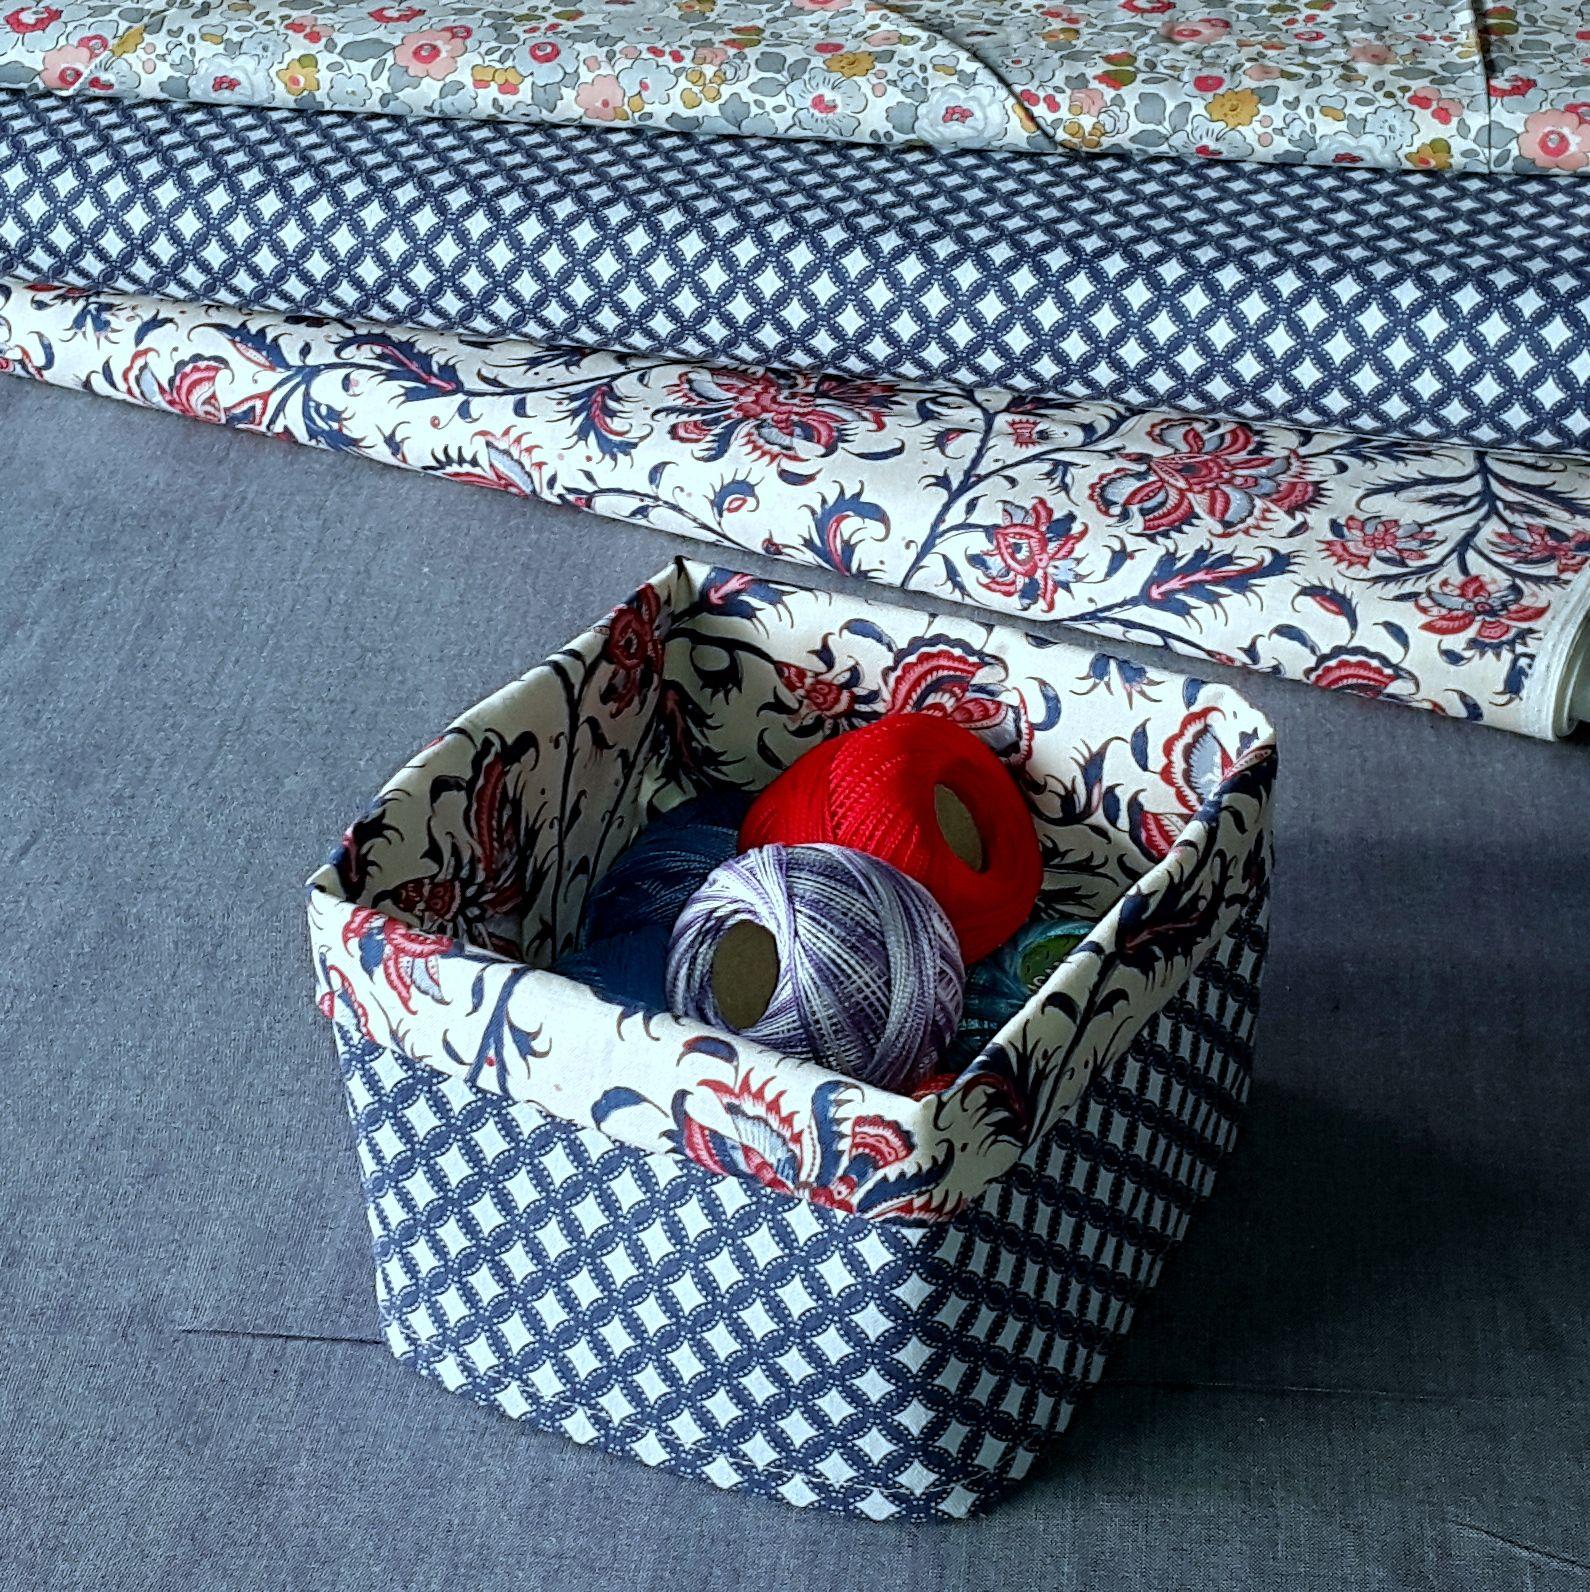 tutoriel couture vide poche rapide coudre en 30 minutes chrono retrouvez aussi autres. Black Bedroom Furniture Sets. Home Design Ideas